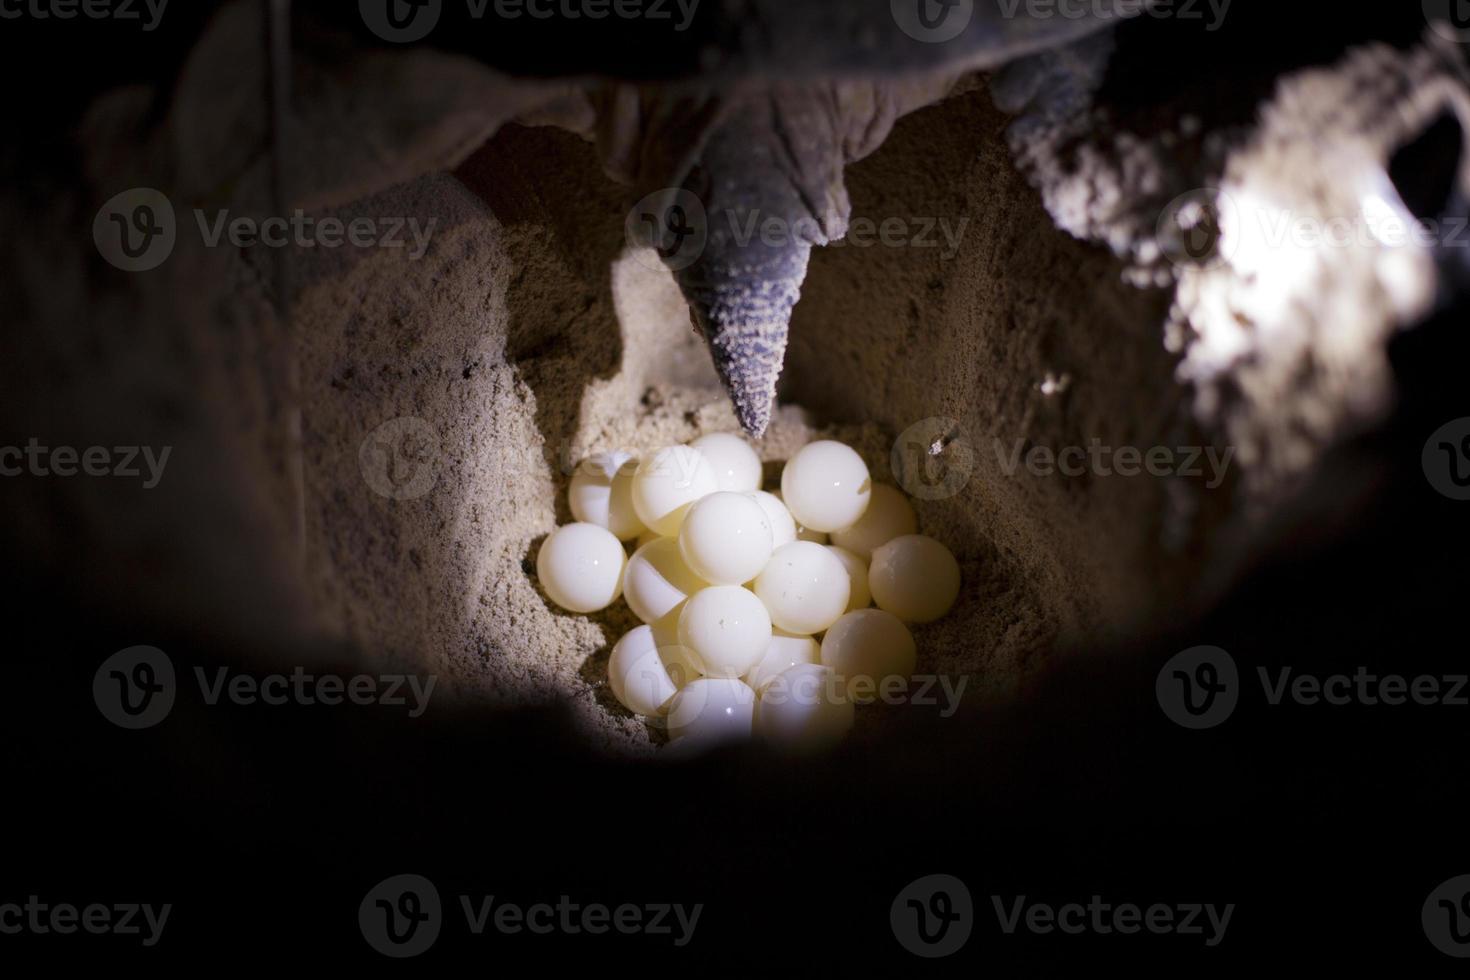 tortuga poniendo huevos. foto